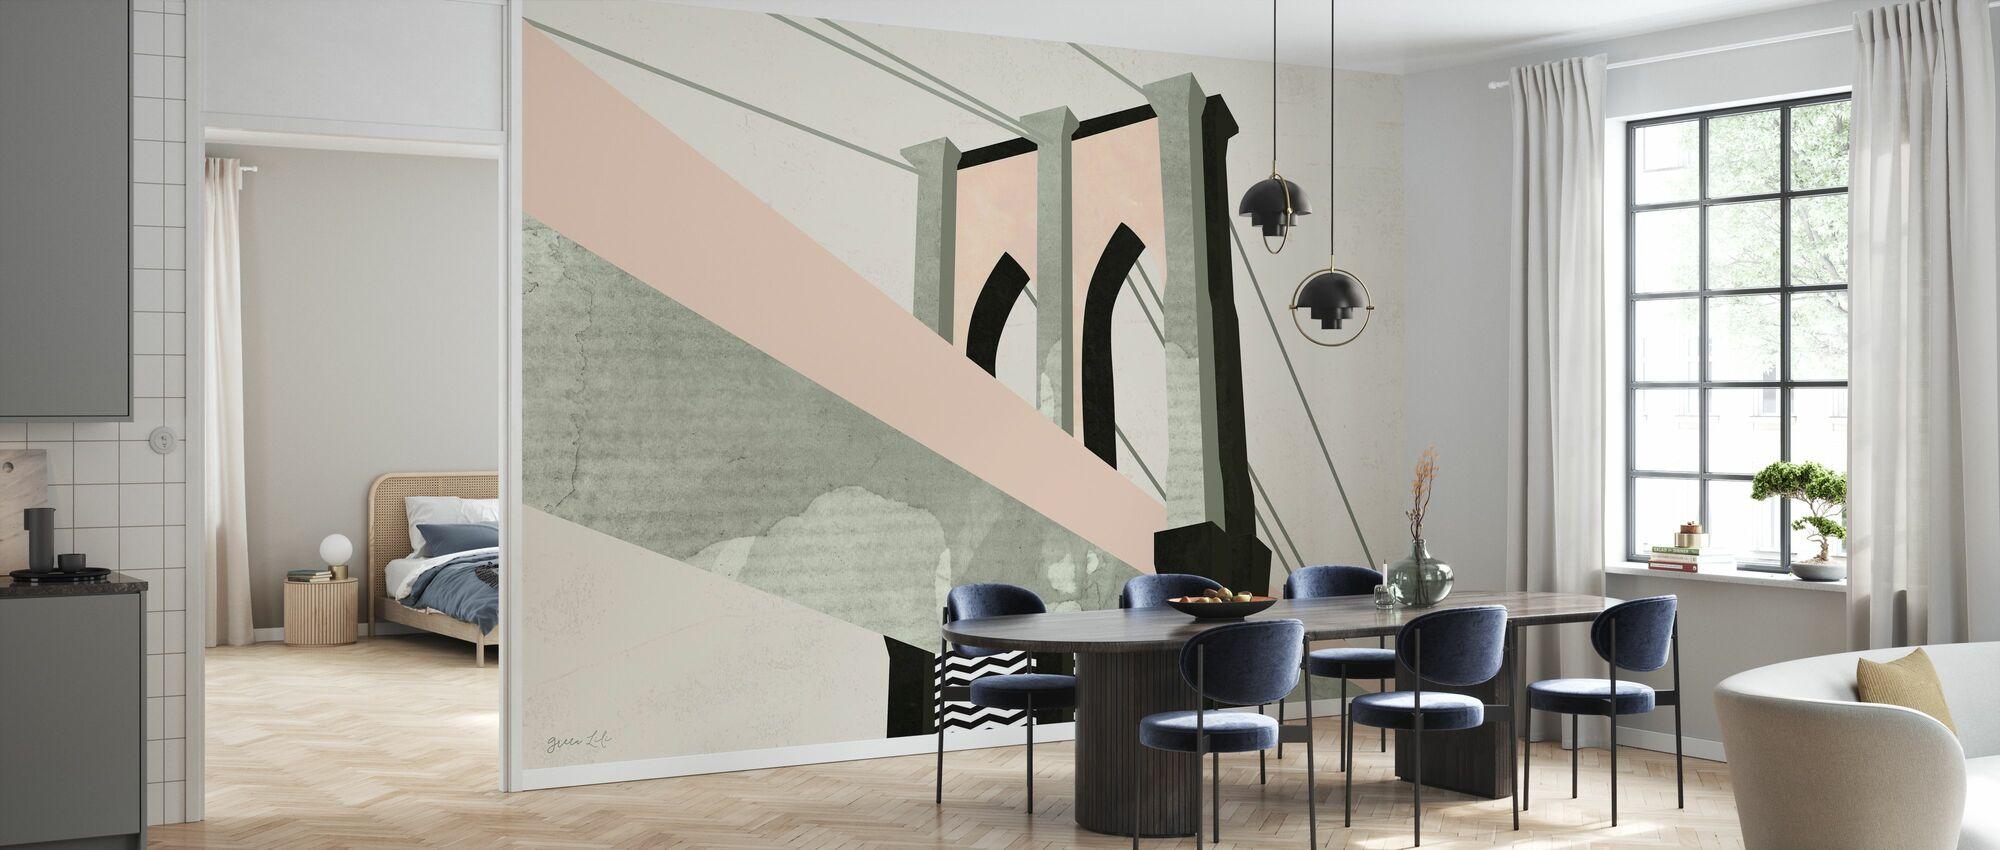 Graphic New York - Wallpaper - Kitchen